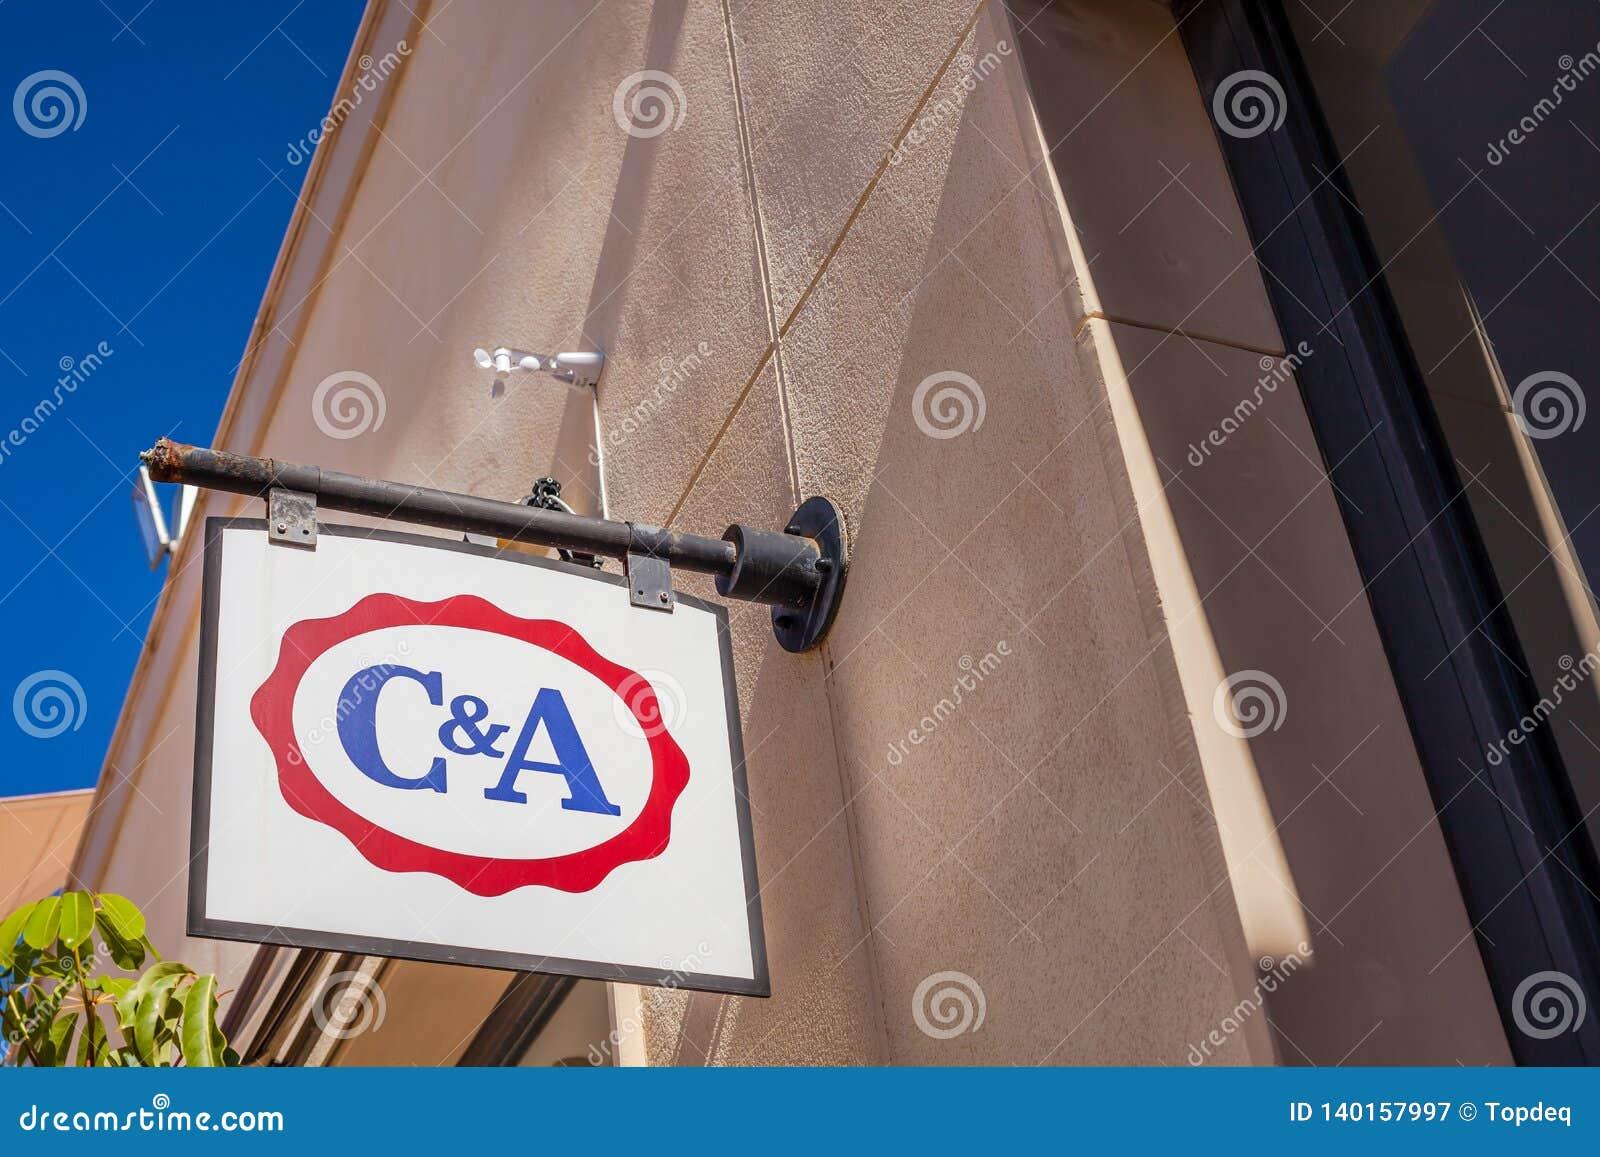 Logotipo De La Marca De Tienda De C A En Su Edificio Fotografia Editorial Imagen De Edificio Tienda 140157997